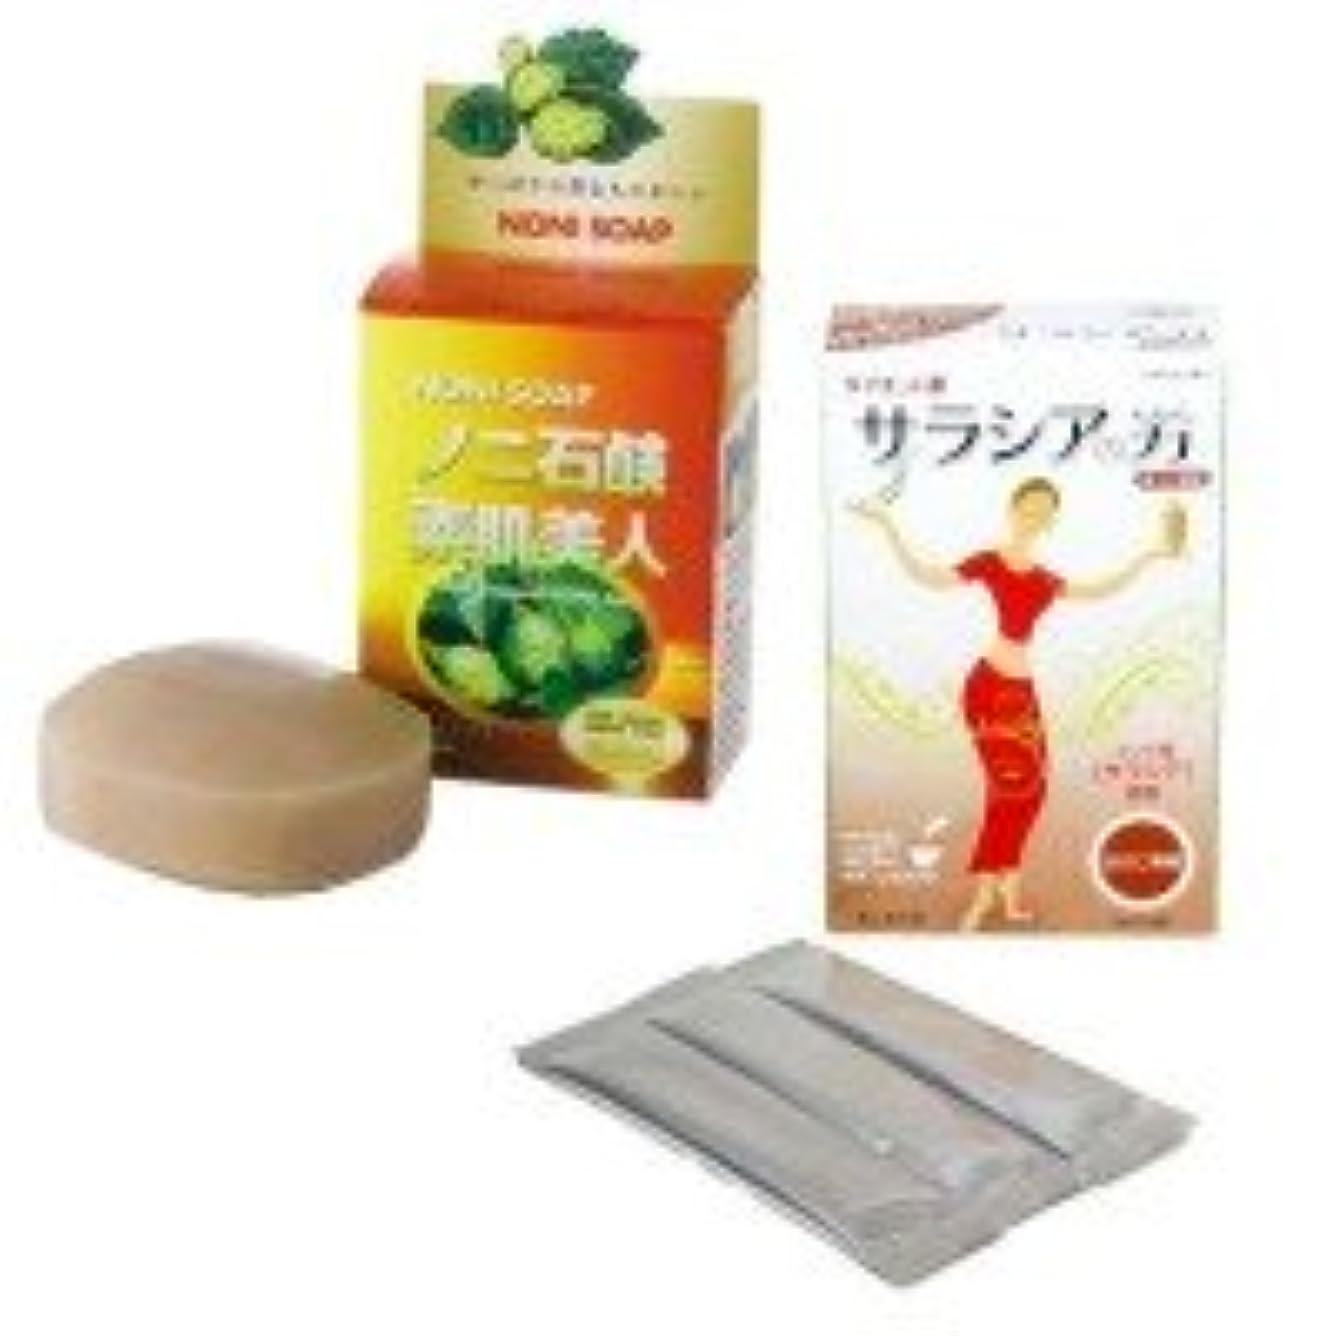 リム公平なライフルノニ石鹸 素肌美人 100g & サラシアの力 ほうじ茶味 (1g×18包)